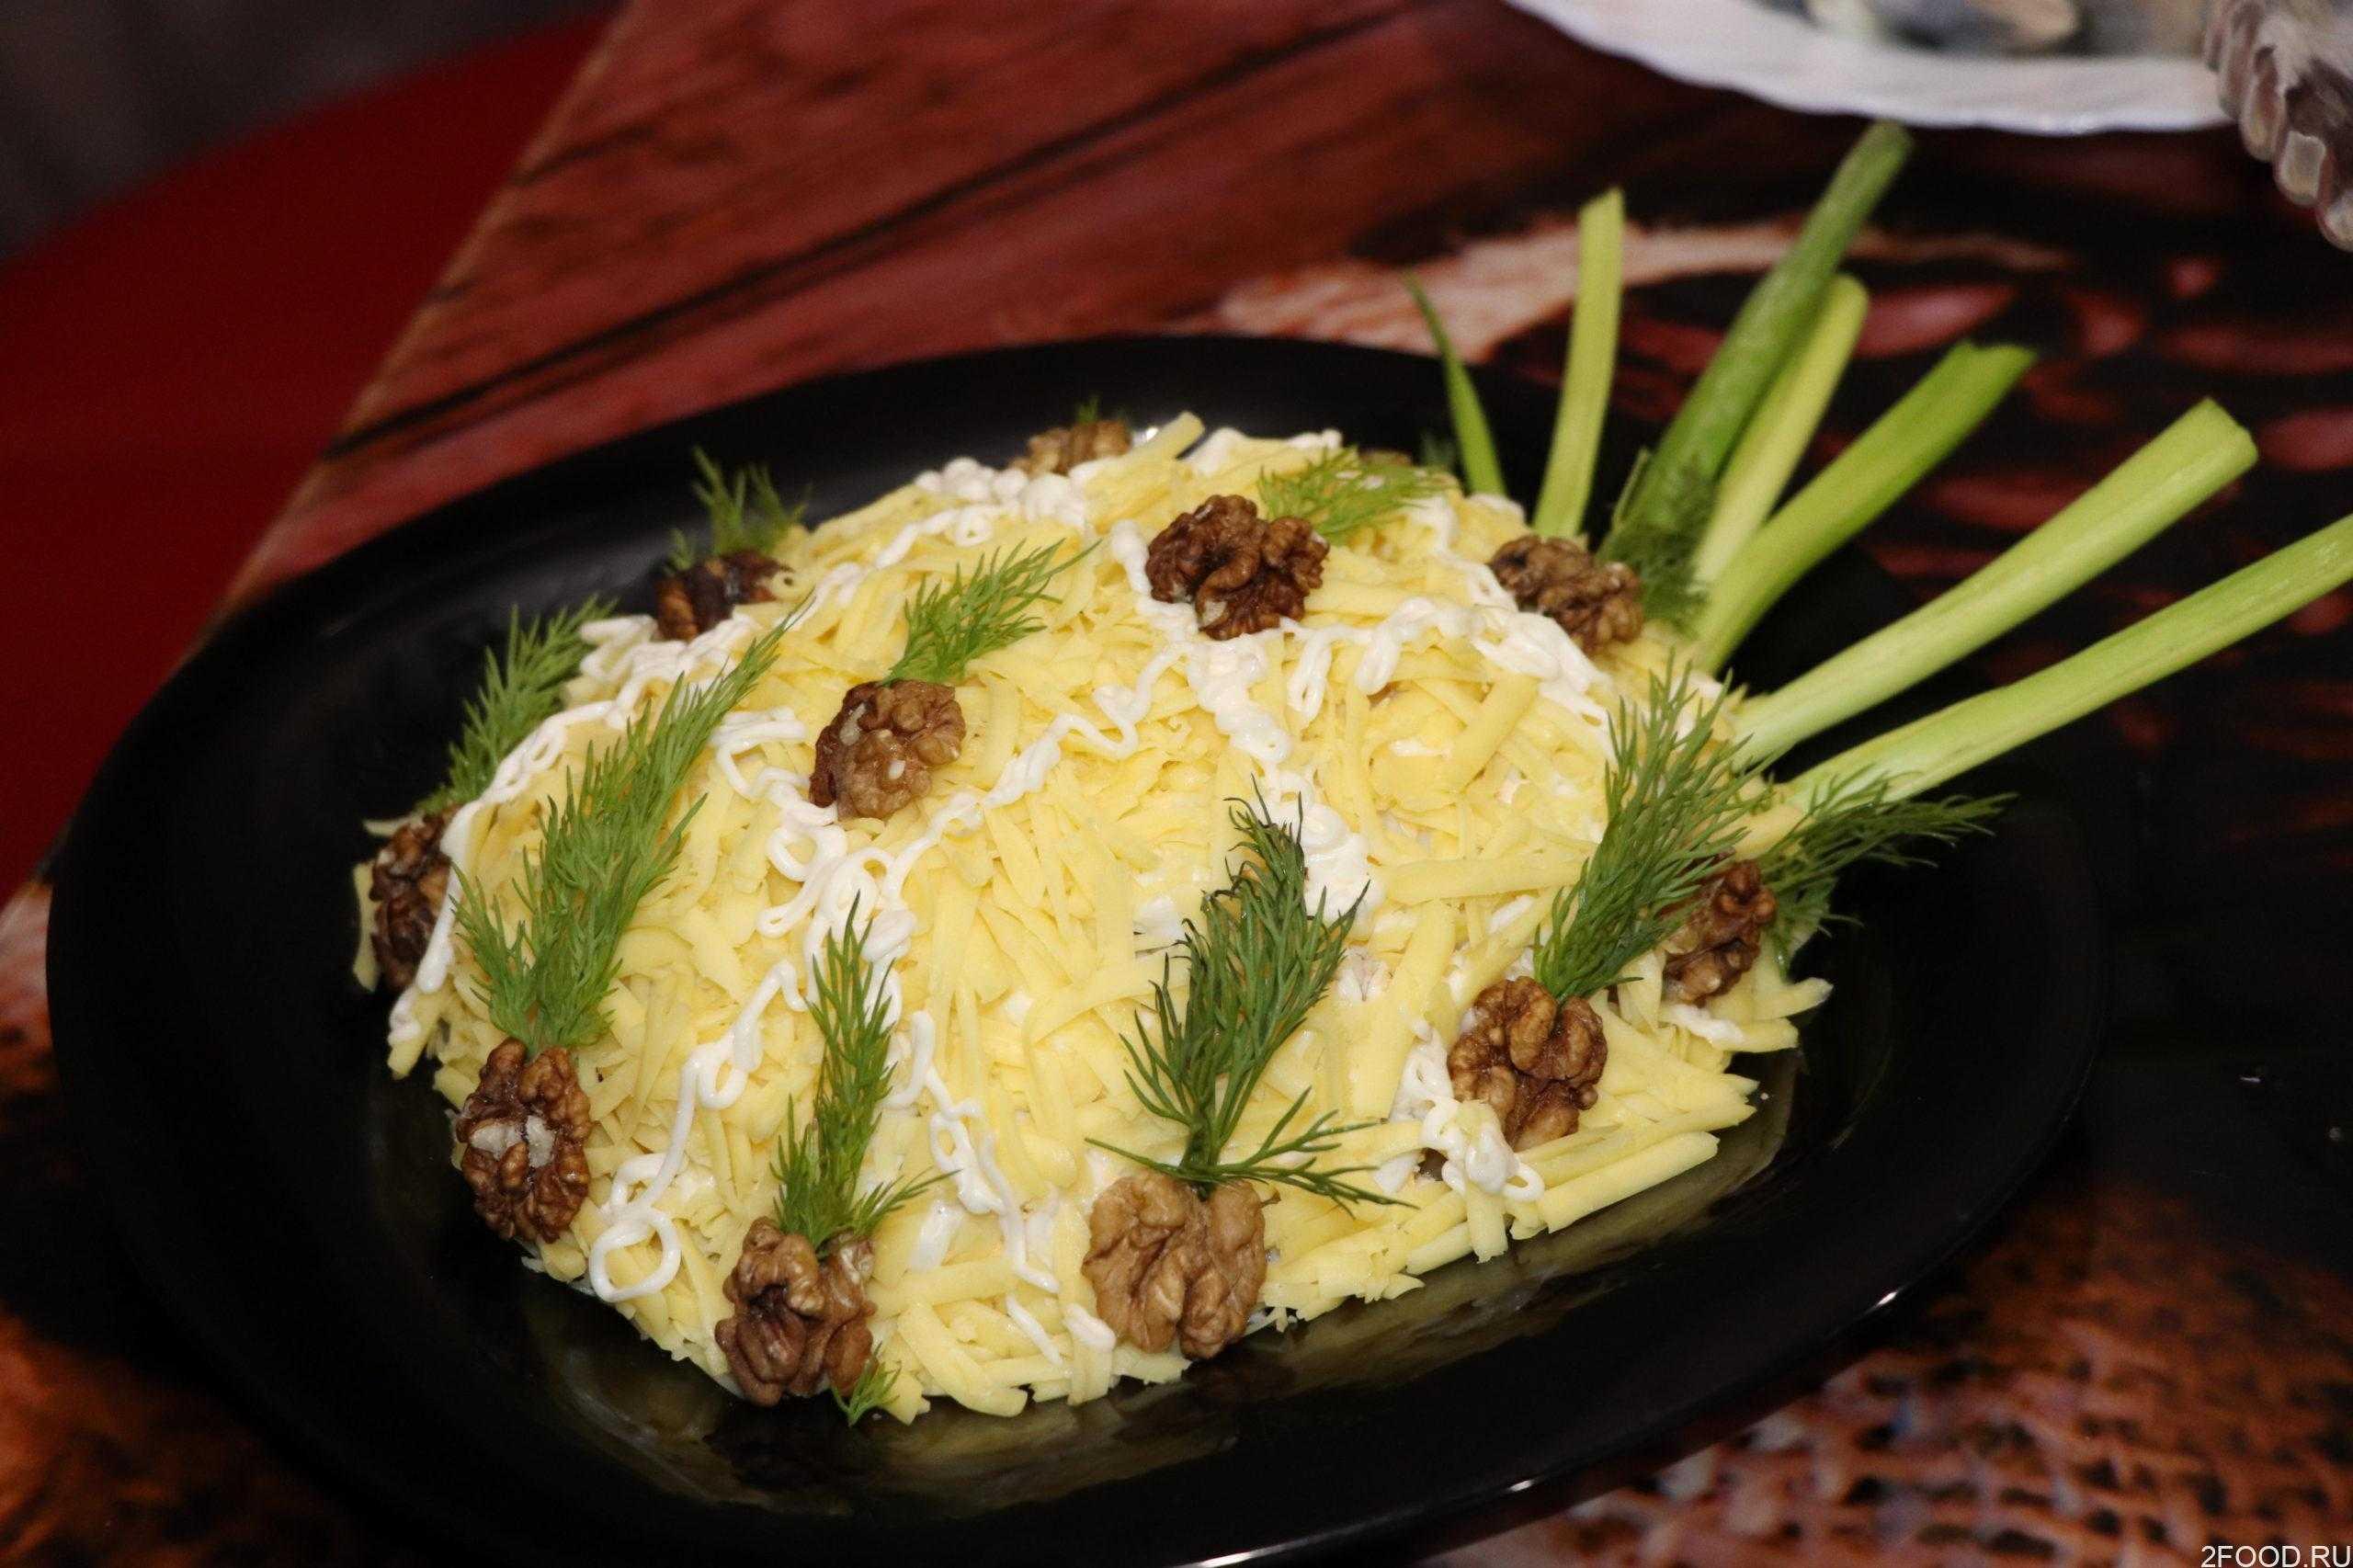 Салат с курицей ананасами и сыром слоями рецепт с фото пошагово - 1000.menu